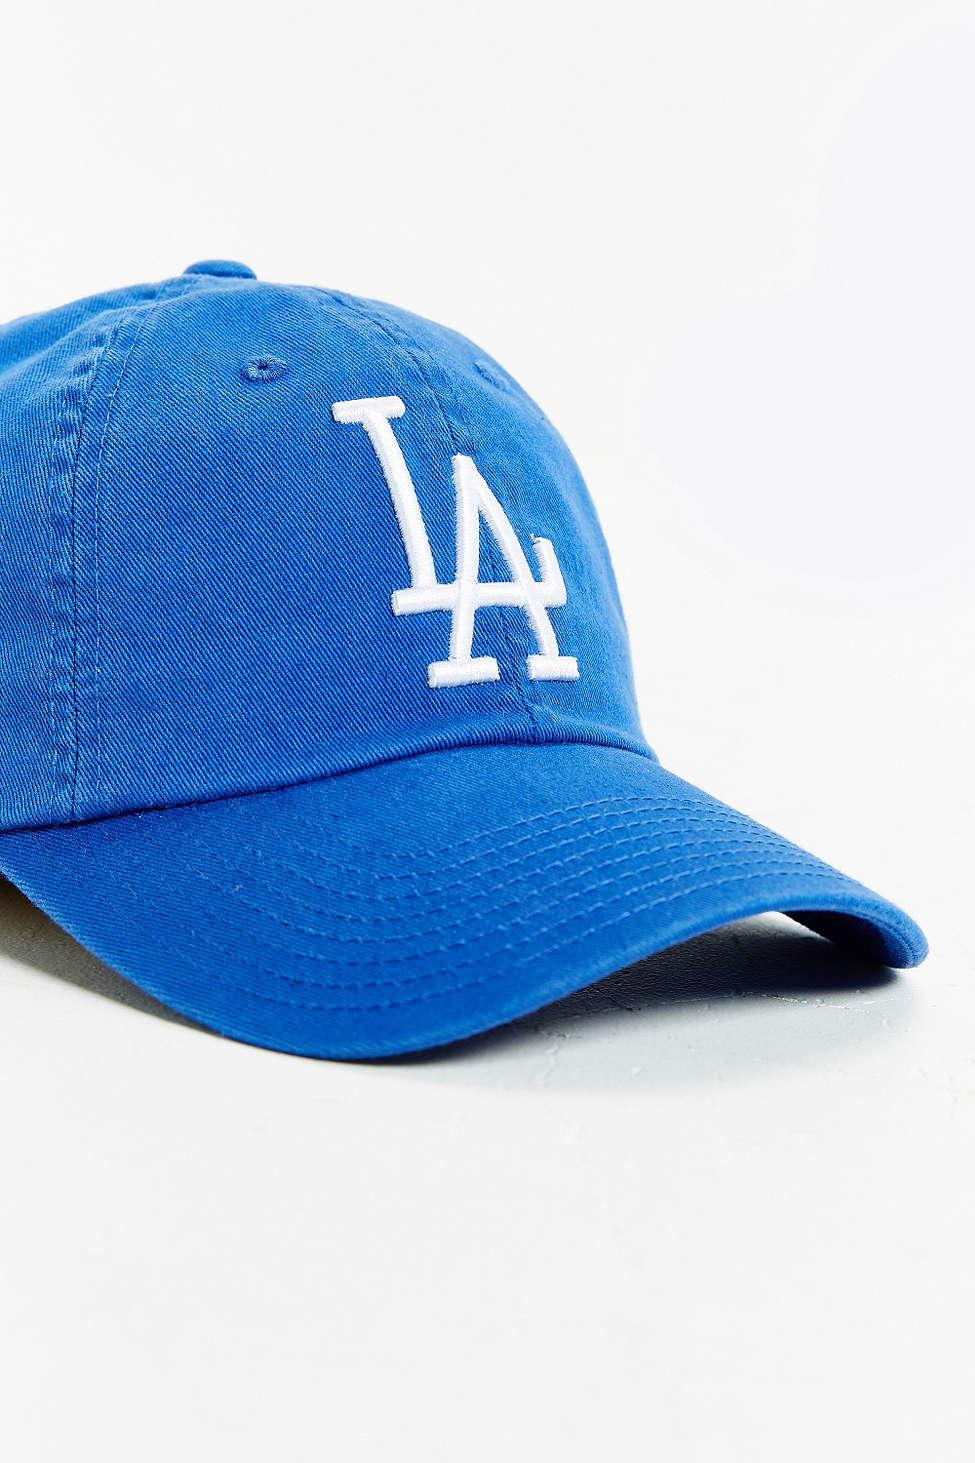 American Needle Ballpark Baseball Hat In Blue For Men  Lyst